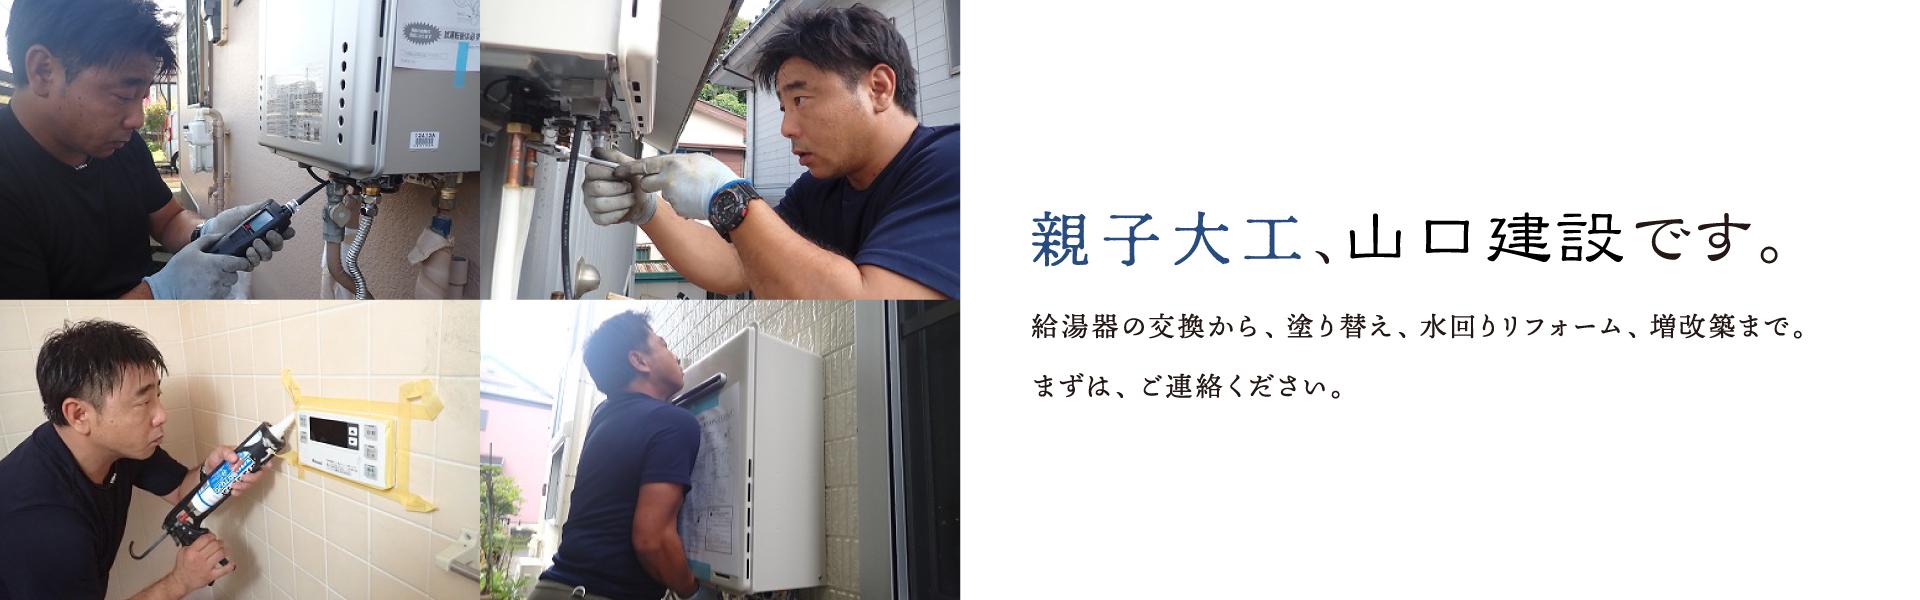 親子大工、山口建設です。給湯器の交換から、塗り替え、水回りリフォーム、増改築まで。まずは、ご連絡ください。